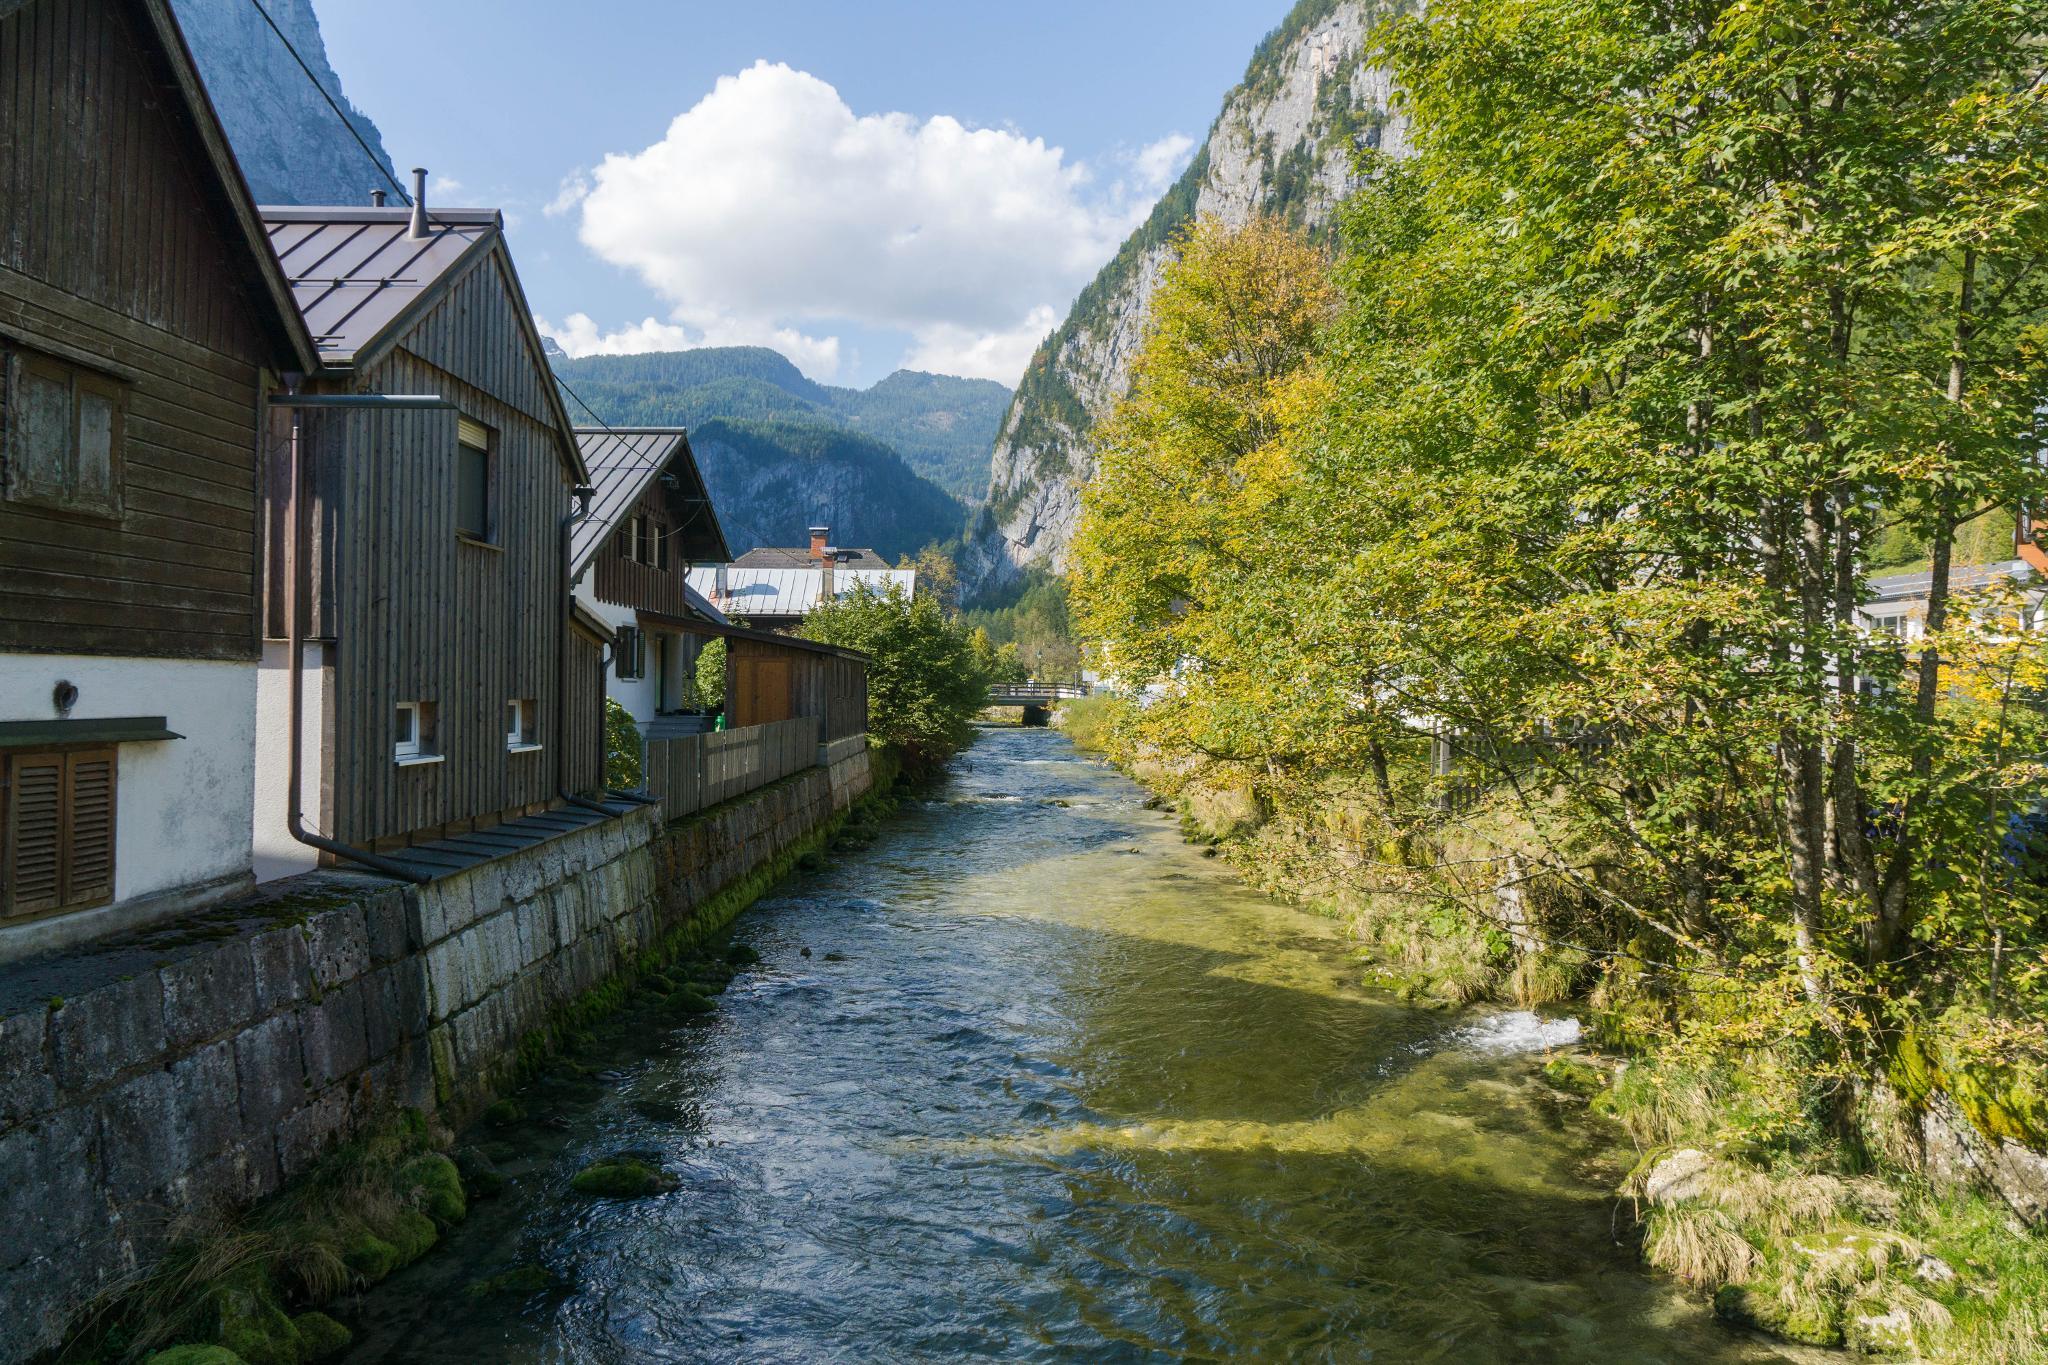 【奧地利】童話仙境 Hallstatt 哈修塔特 — 追逐世界遺產小鎮的夢幻黃金日出 30